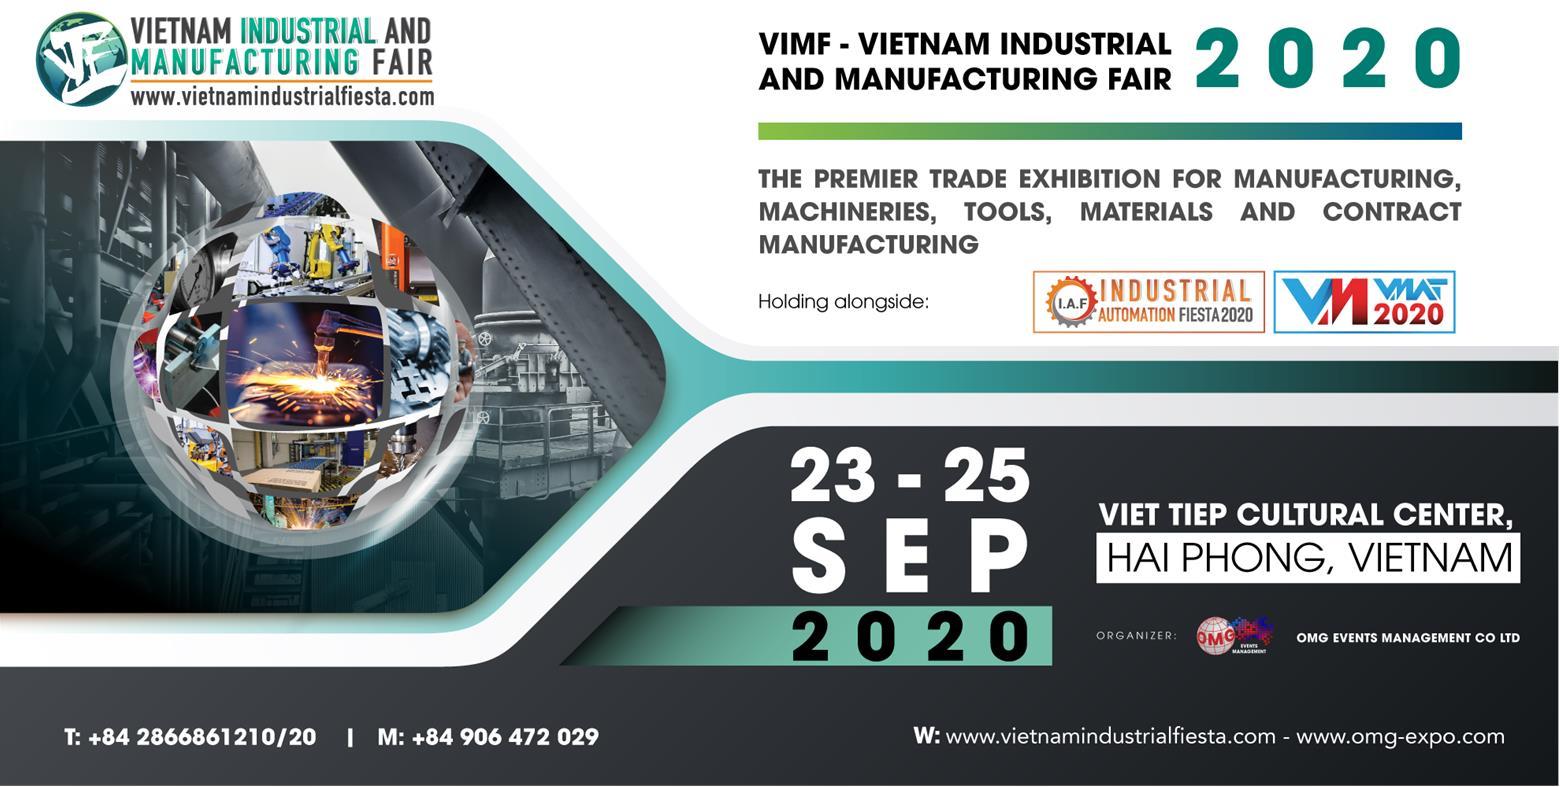 Triển Lãm Công Nghiệp Và Sản Xuất Việt Nam – VIMF 2020